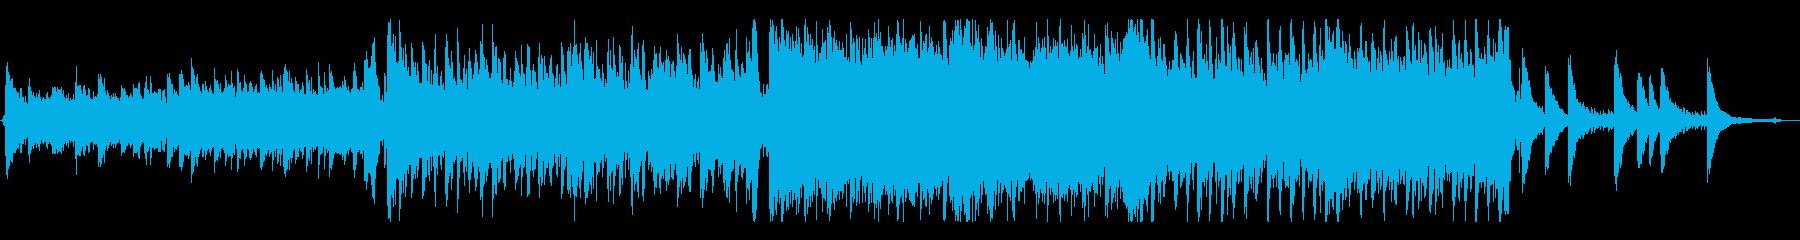 Epic/感動的でUpliftingな曲の再生済みの波形